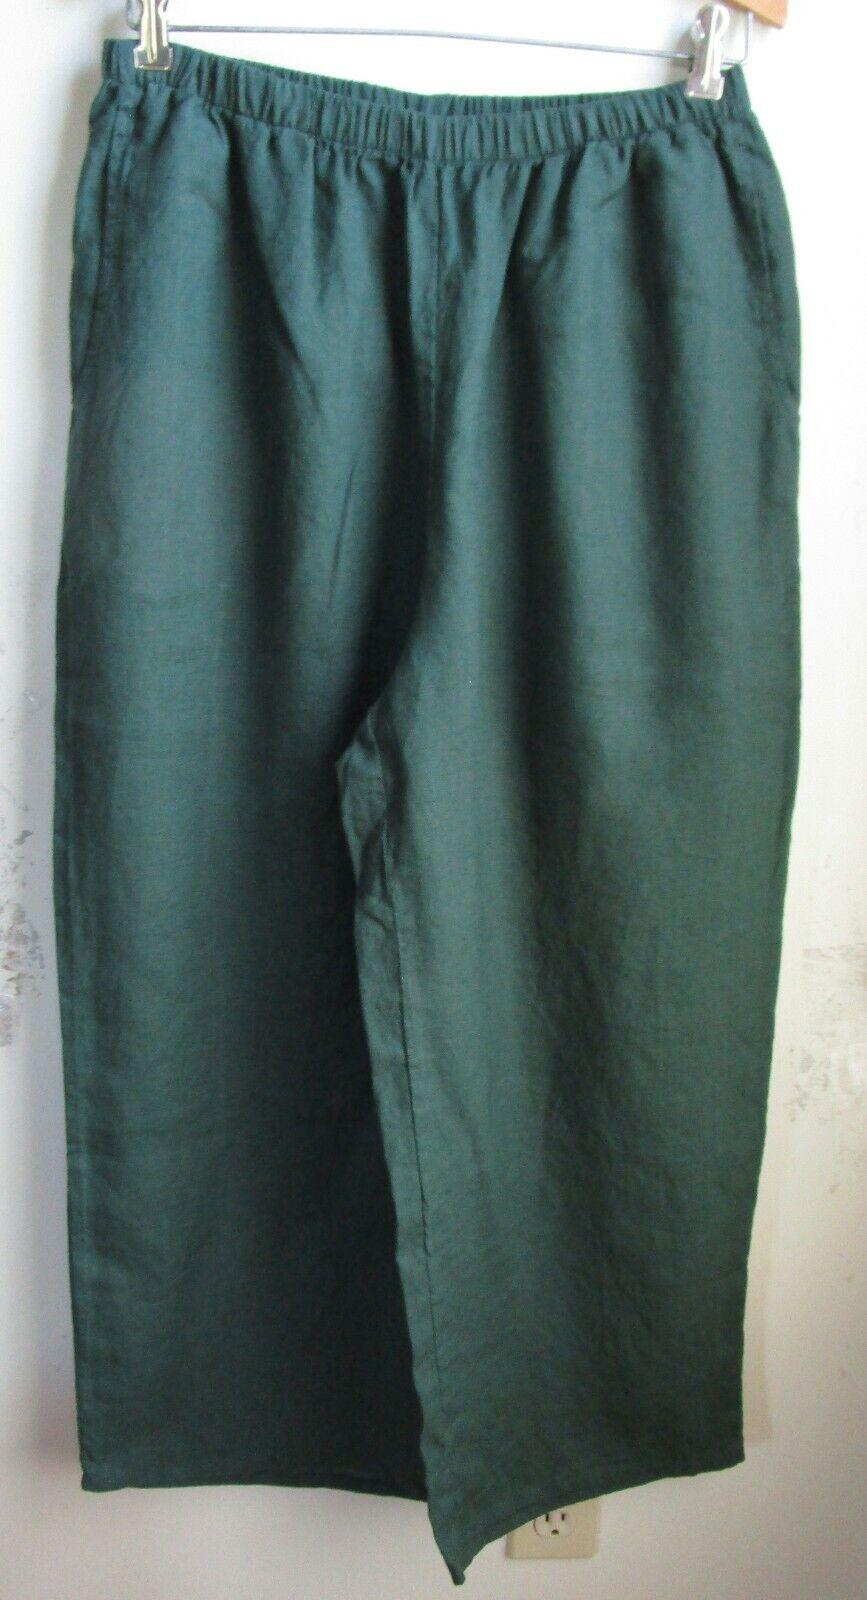 FLAX Designs  Linen Pants   M  &  L     NWT  FLoods  Pants